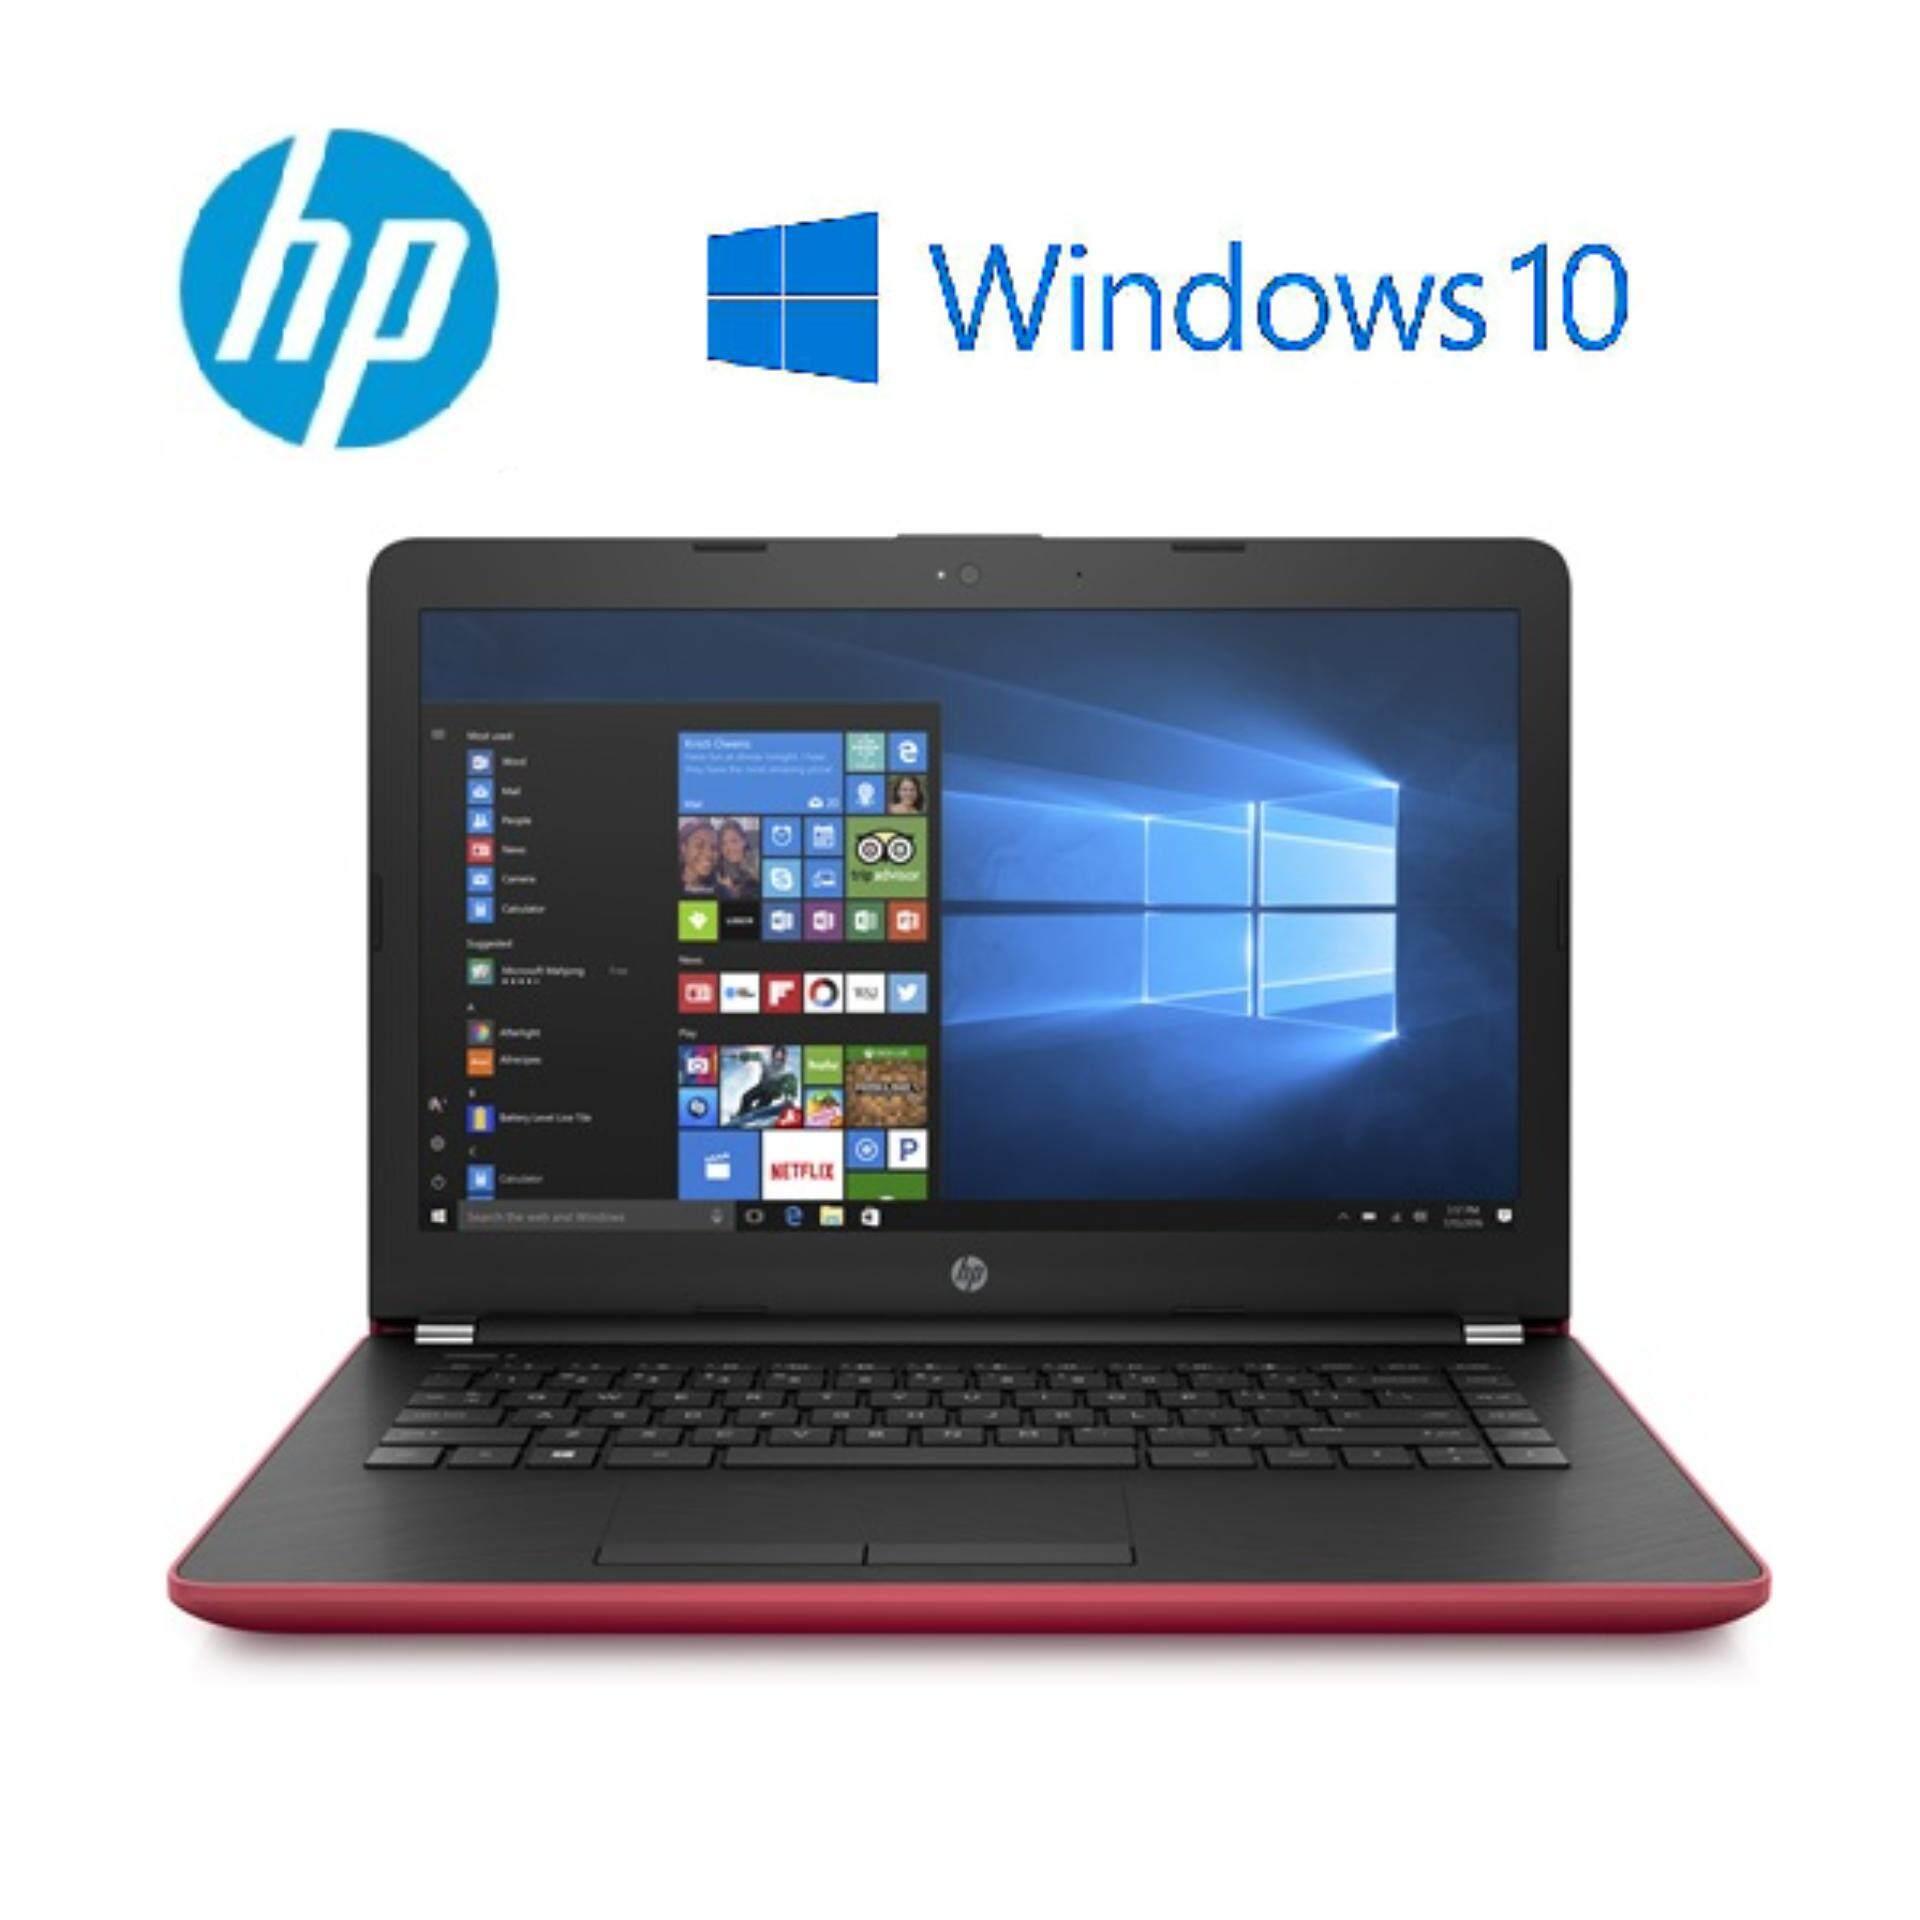 HP Laptop 14-bw054AU (AMD A6-9220/4GB D4/500GB/AMD R4 Graphics/14˝HD/W10) Red Malaysia